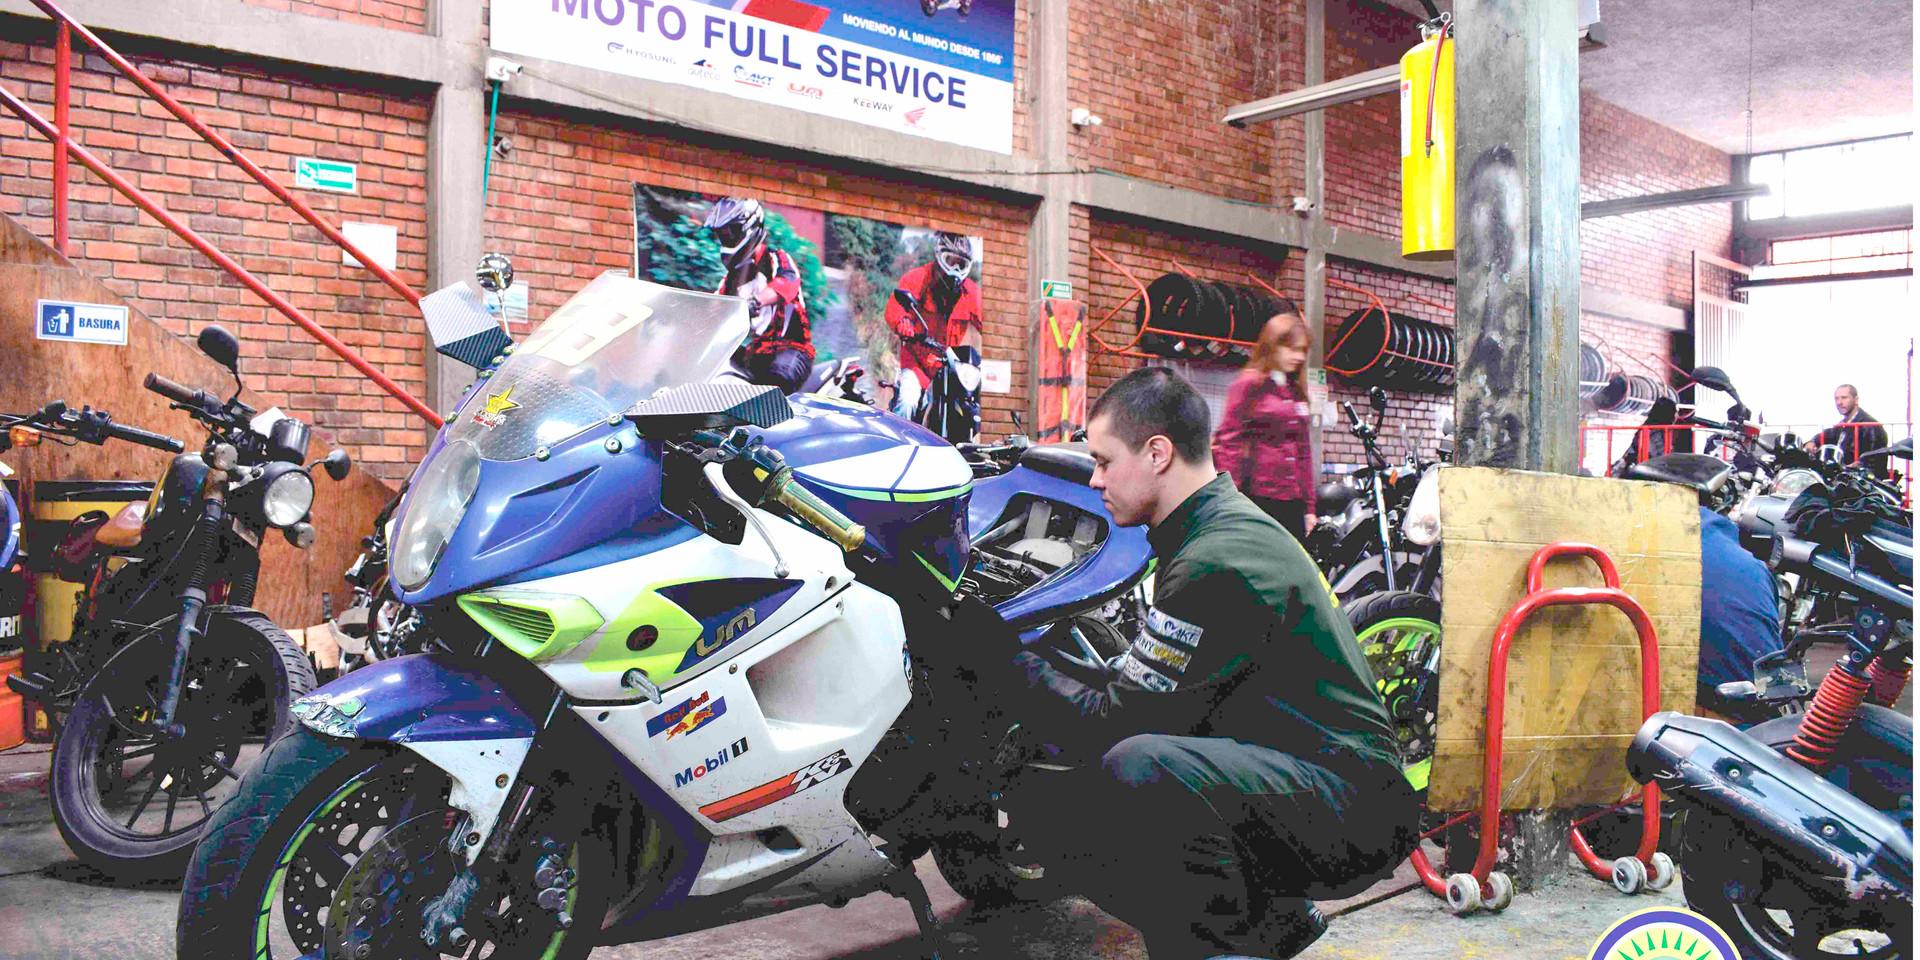 moto full service 2.jpg